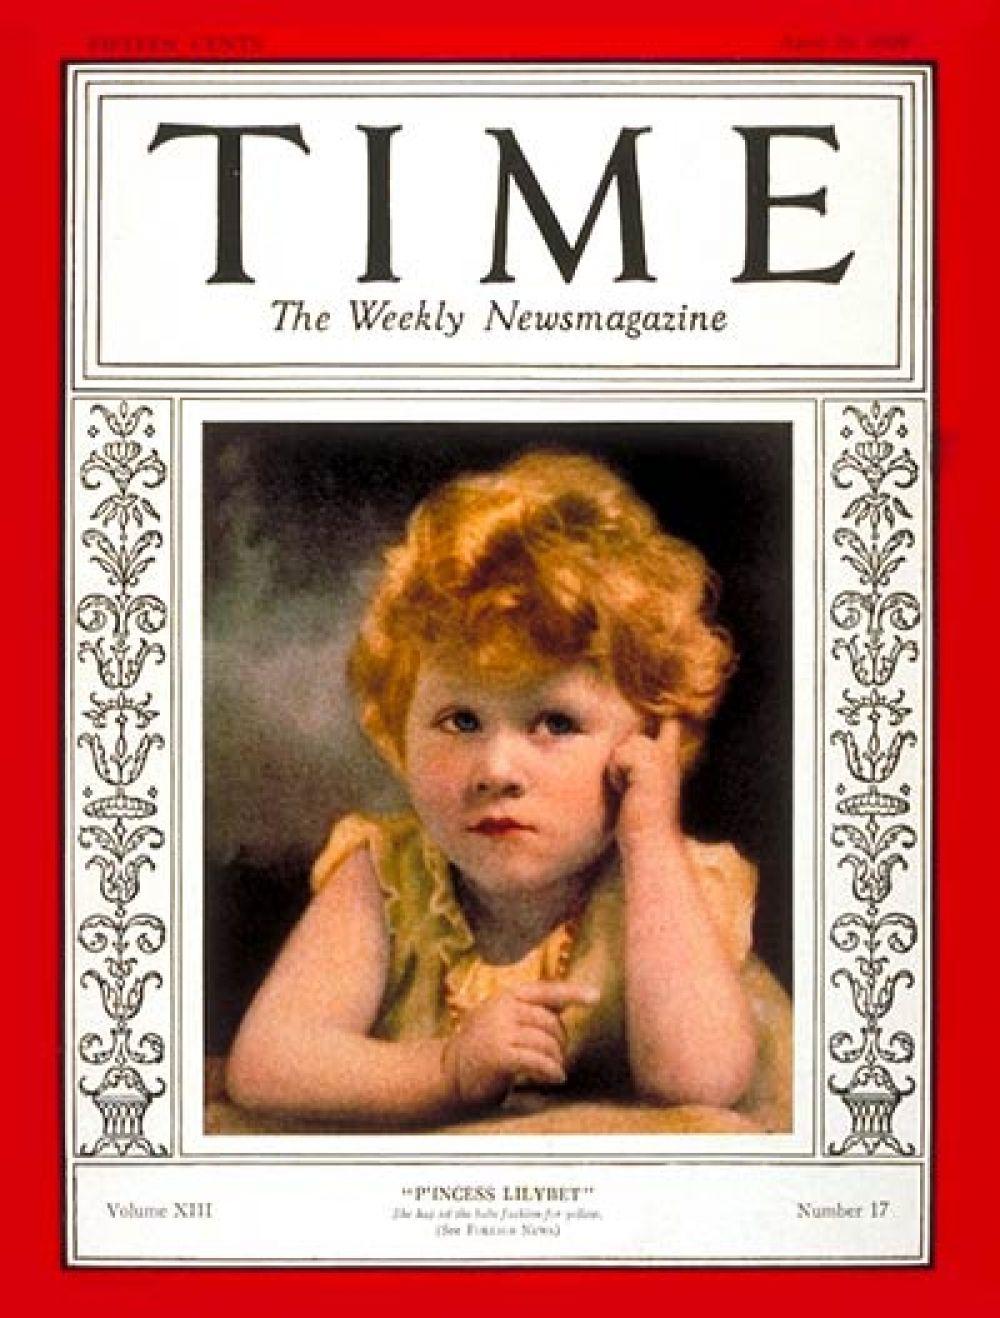 Своё имя получила в честь матери (Елизавета), бабки (Мария) и прабабки (Александра). Принцесса Лилибет на обложке журнала «Тайм», 1929 год.